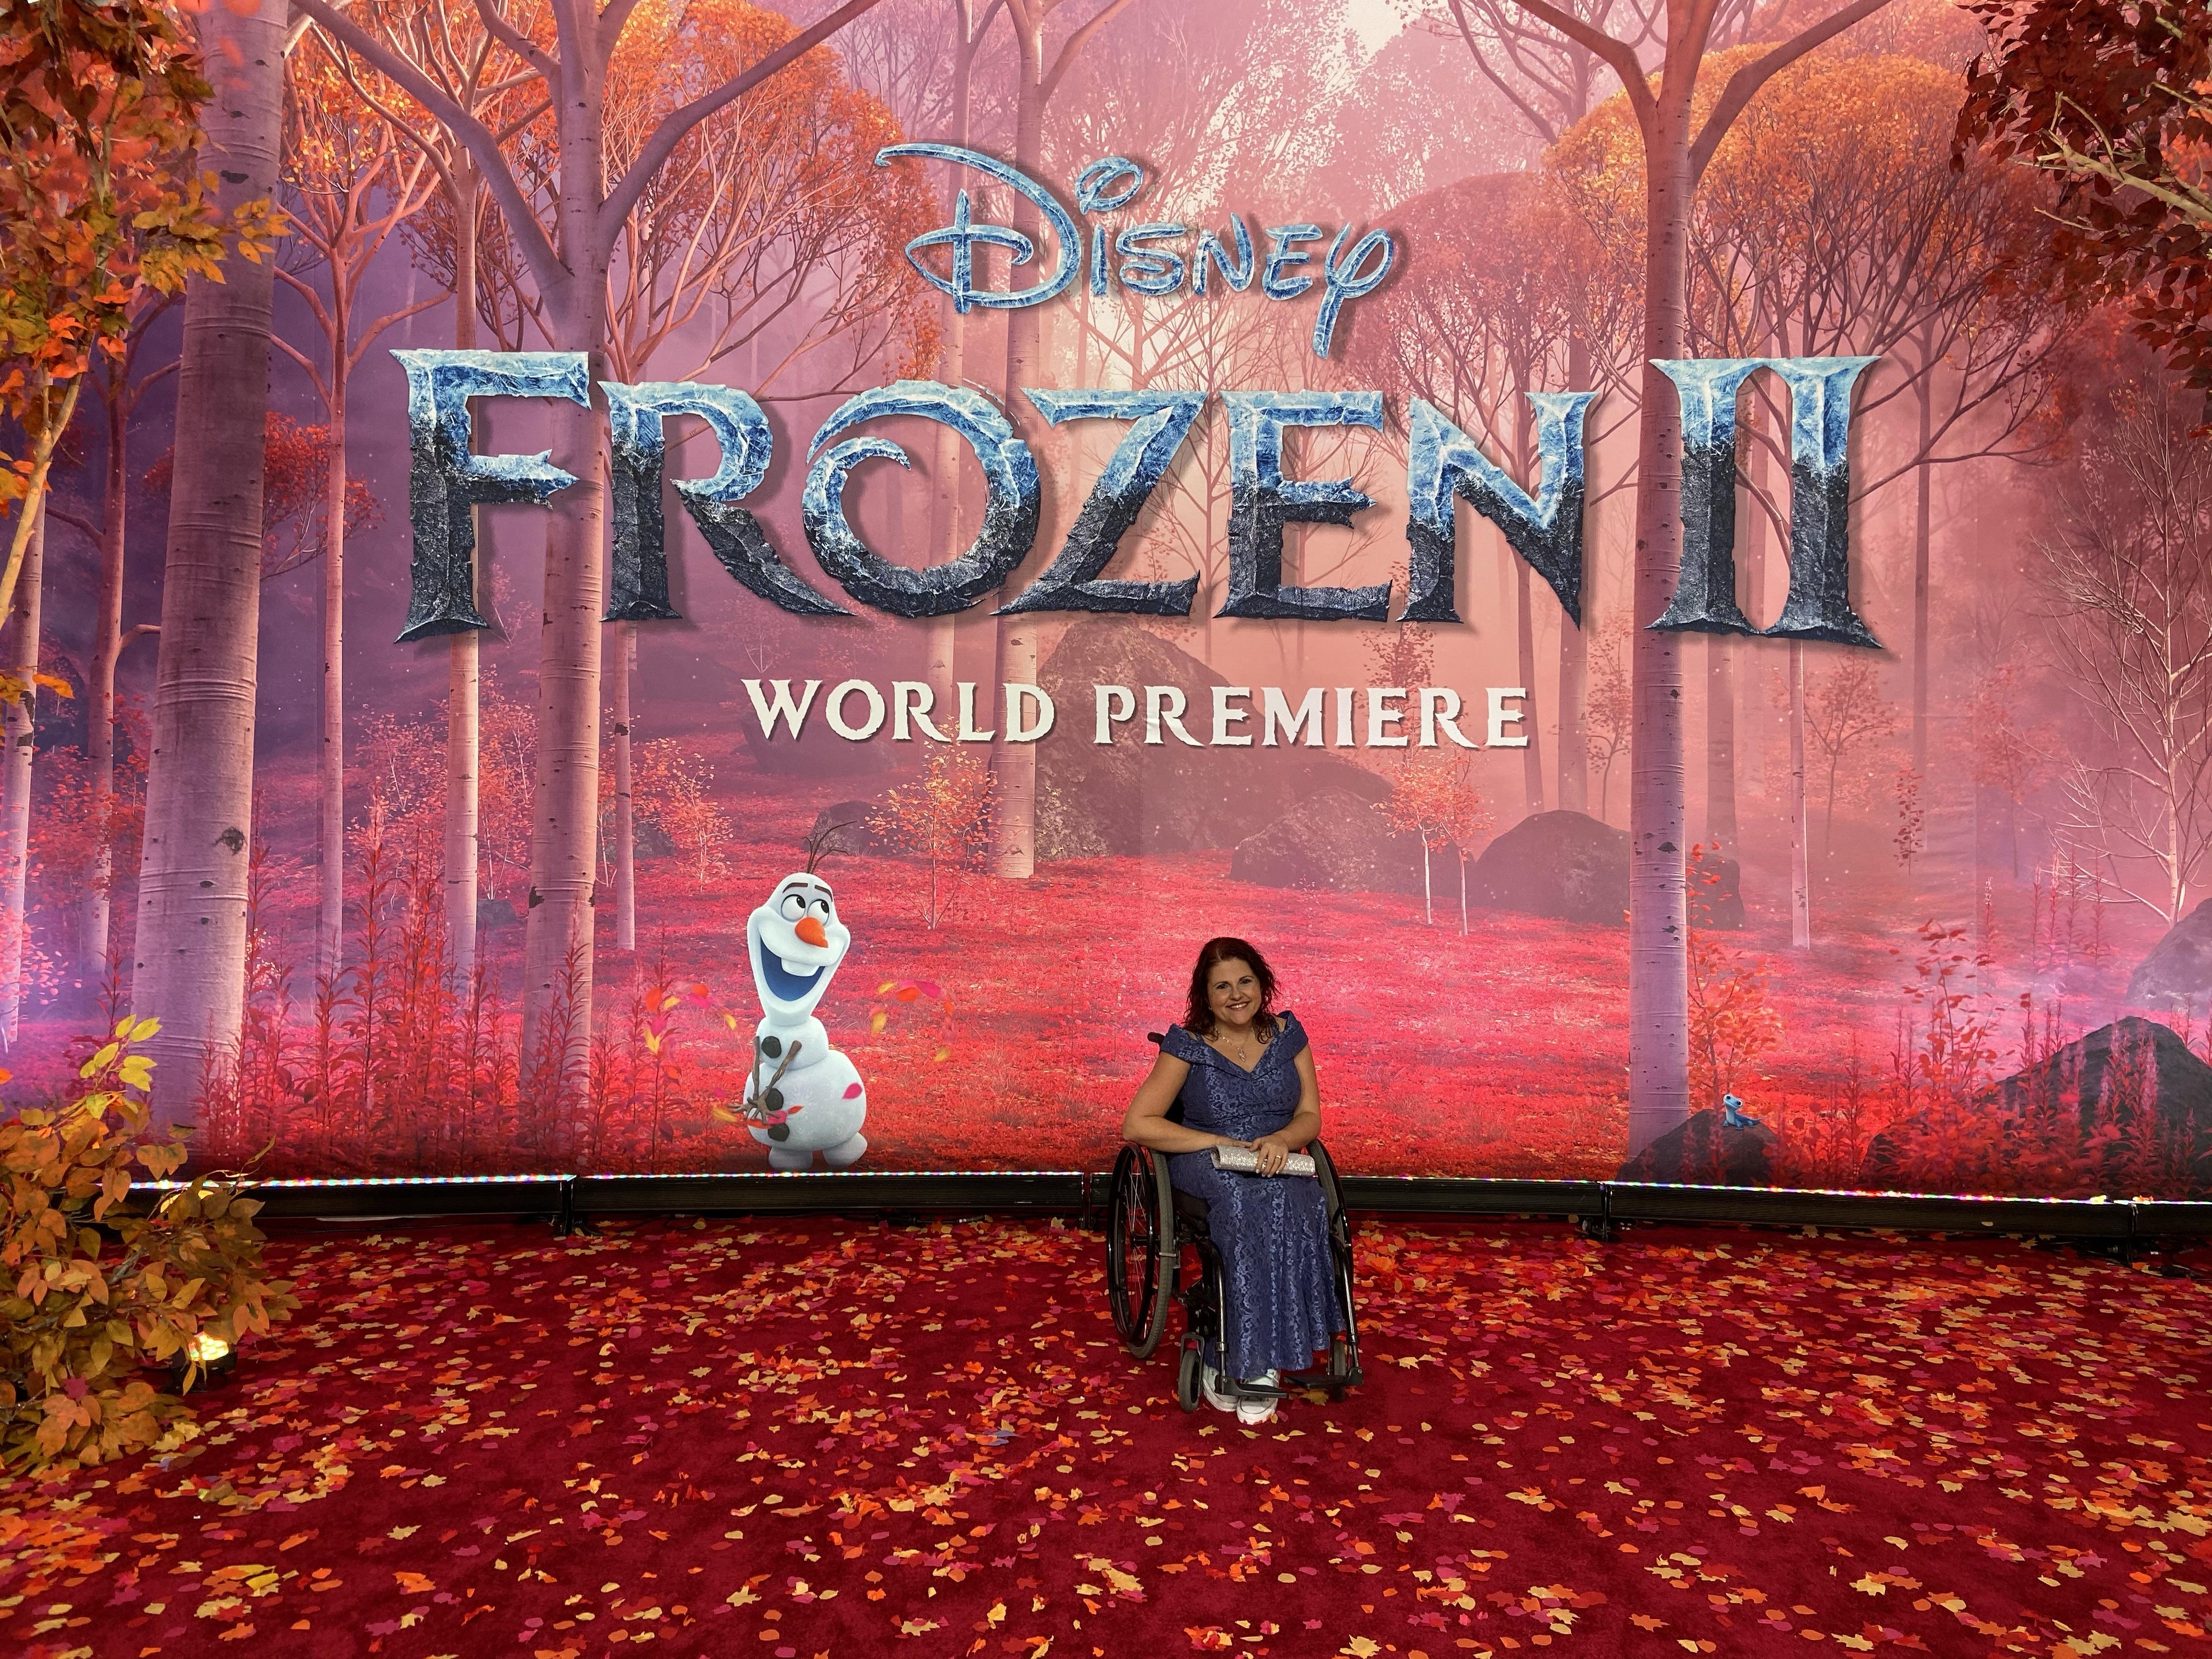 Frozen 2 world premiere